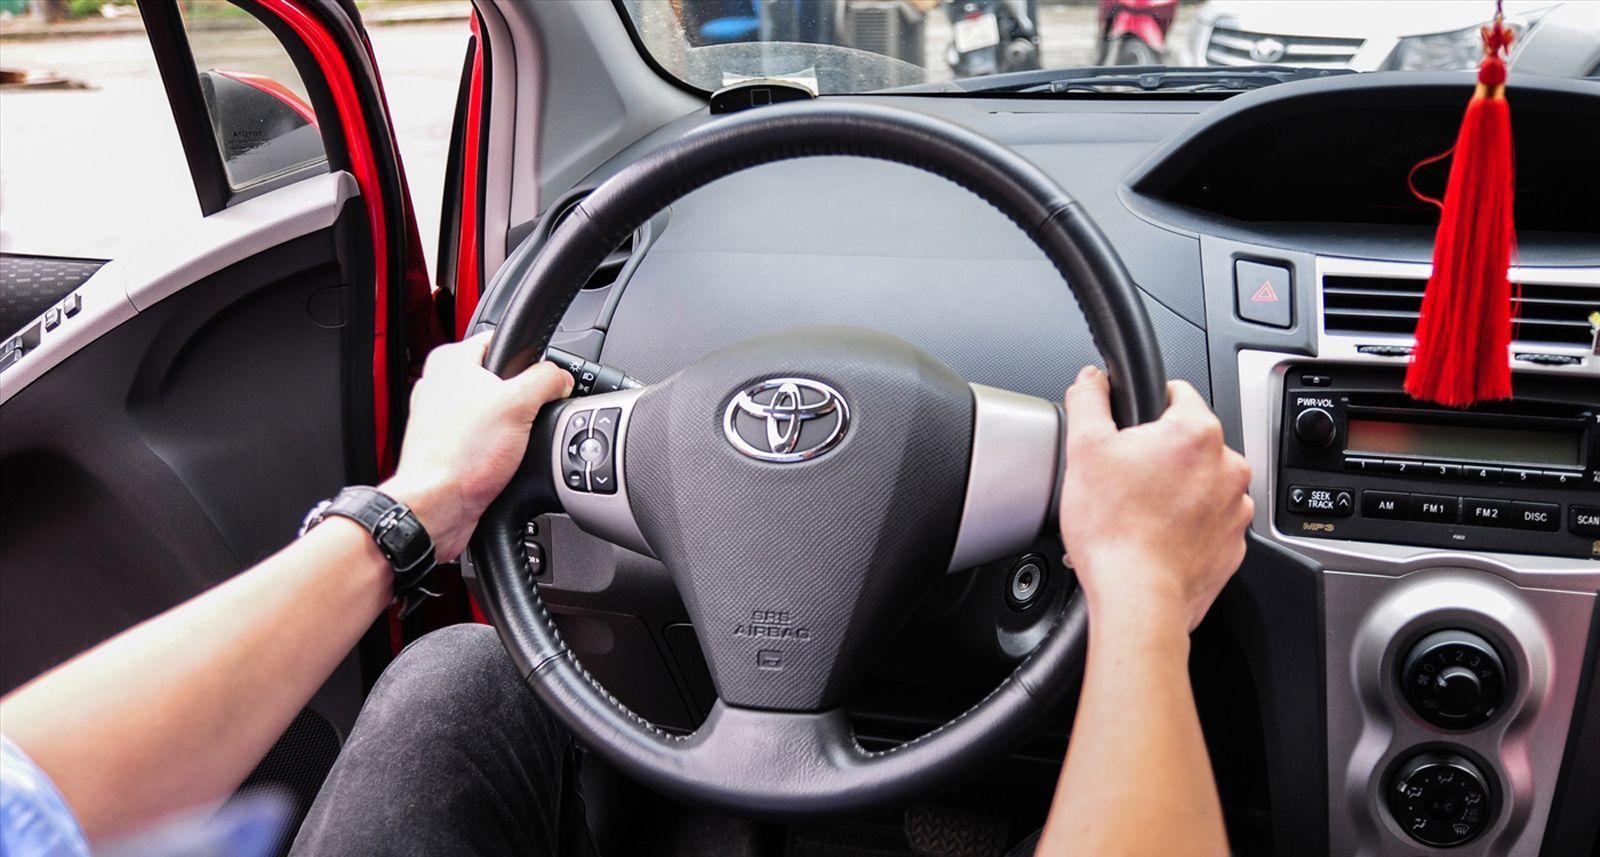 Tư vấn cách chọn mua ô tô chạy taxi cho người mới bắt đầu - Tư vấn trở thành tài xế Taxi Grab - Thủ tục - Chọn xe